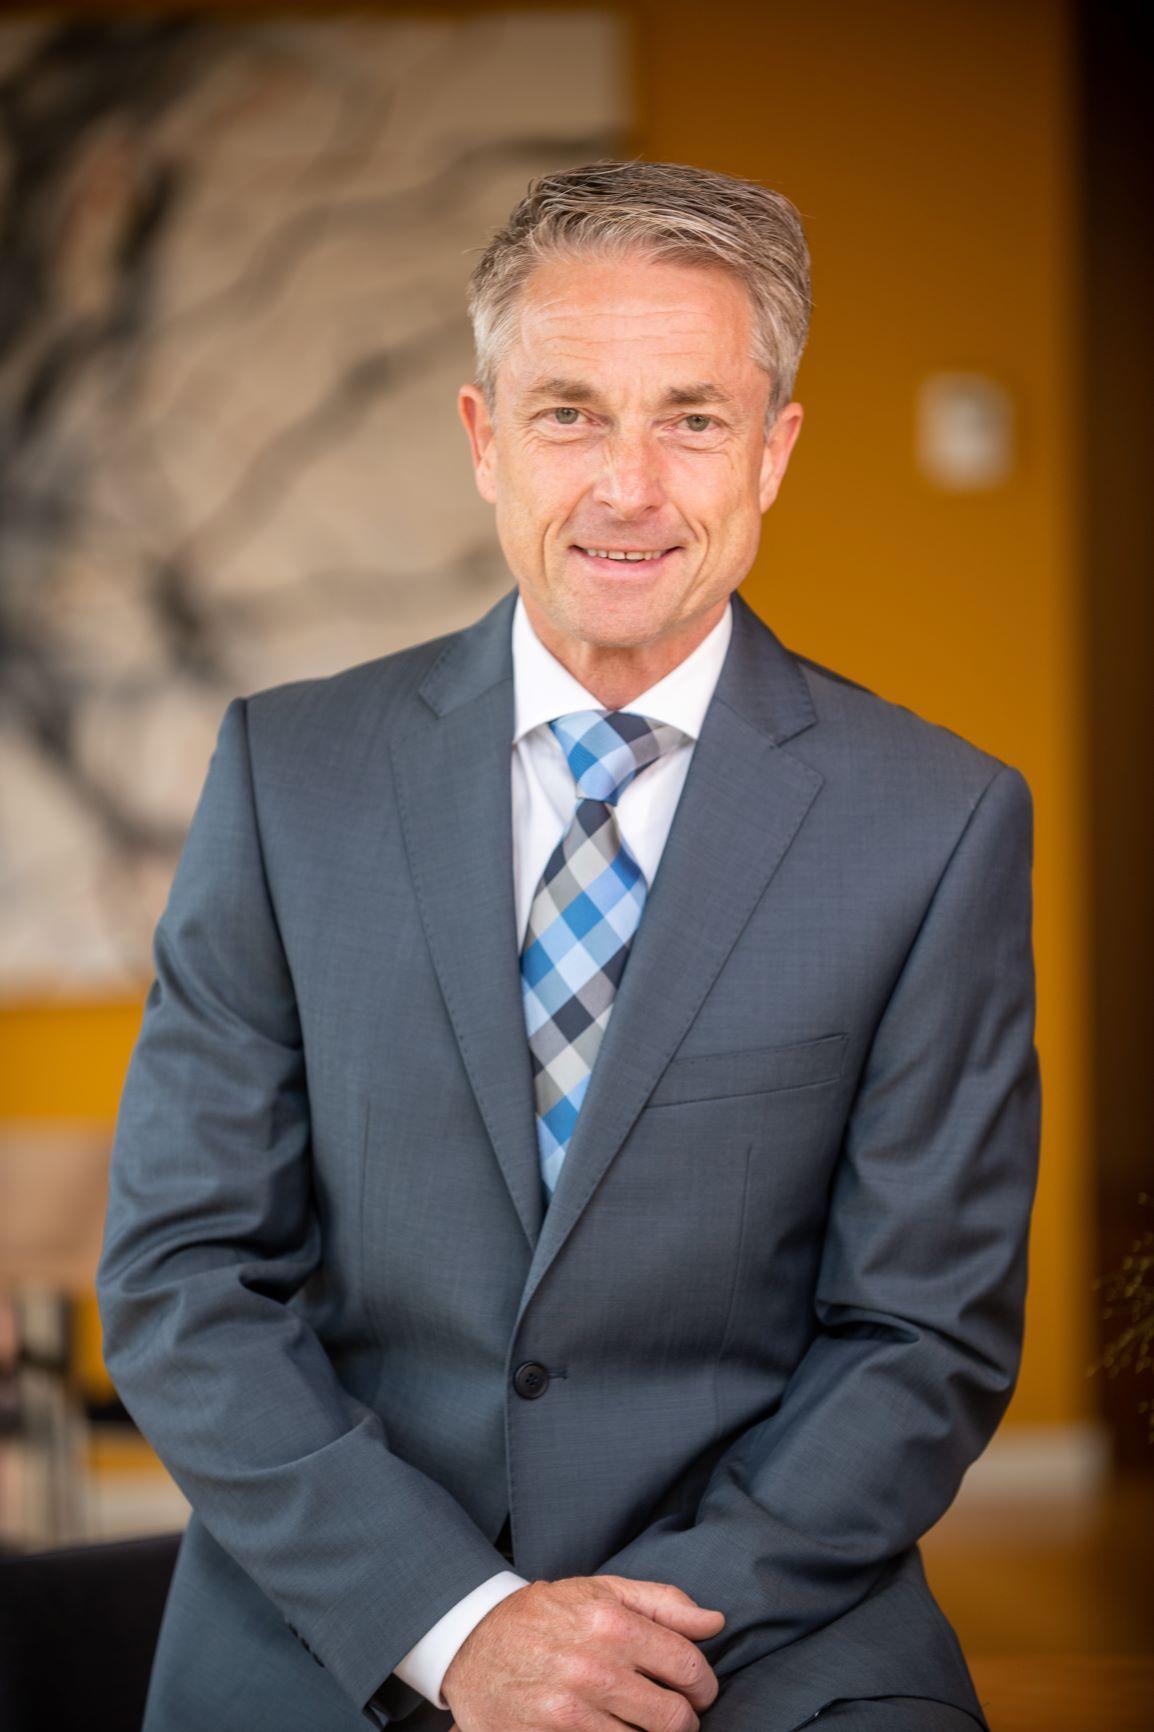 Pedro Swier, Algemeen Directeur Vredehof Uitvaartverzorging